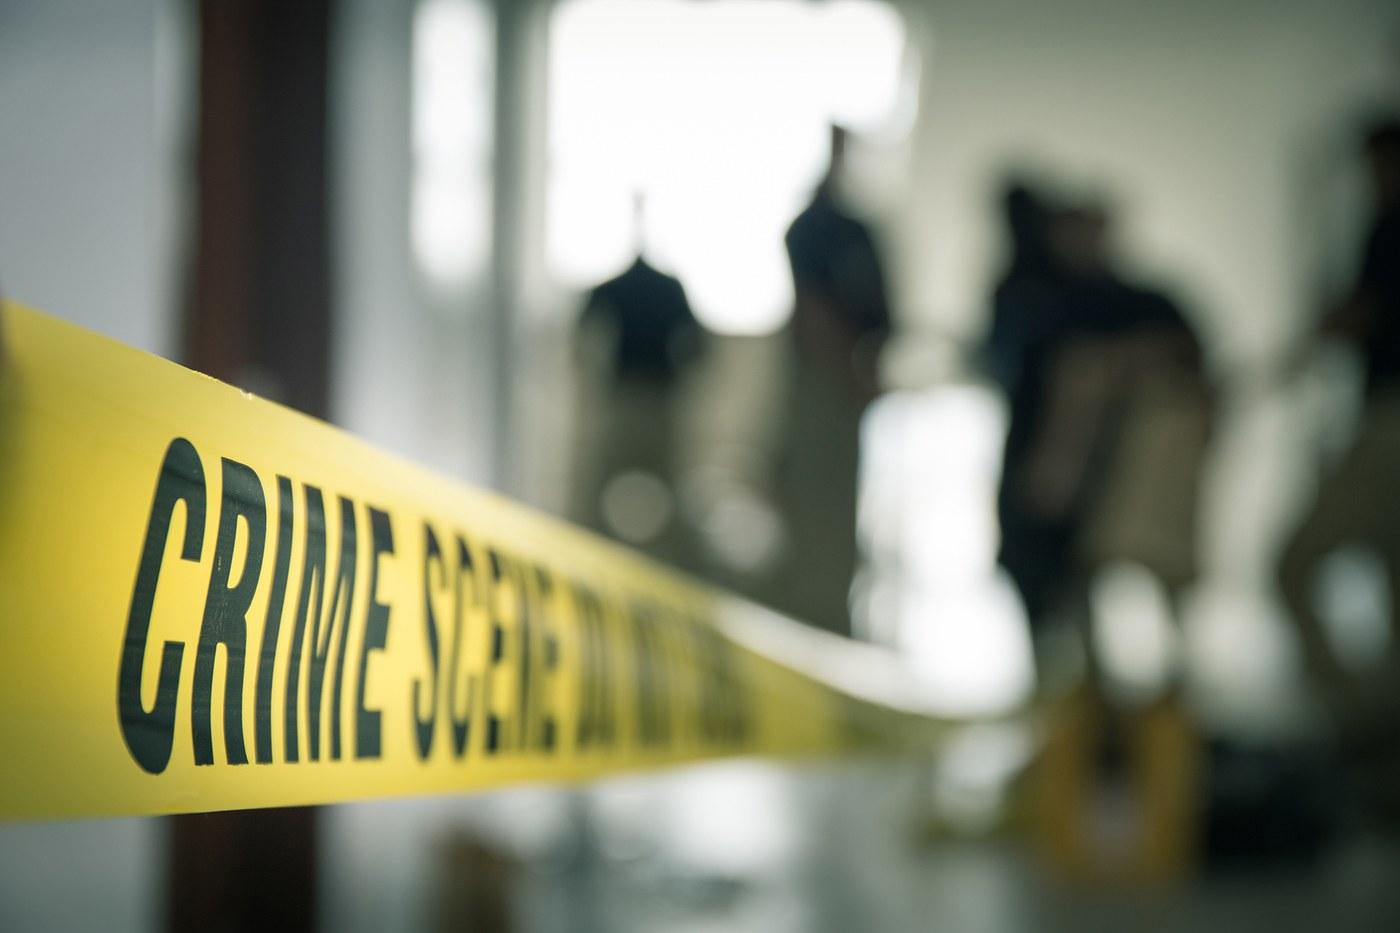 Chuyển vụ án để điều tra, truy tố theo thẩm quyền trong tố tụng hình sự được quy định như thế nào?